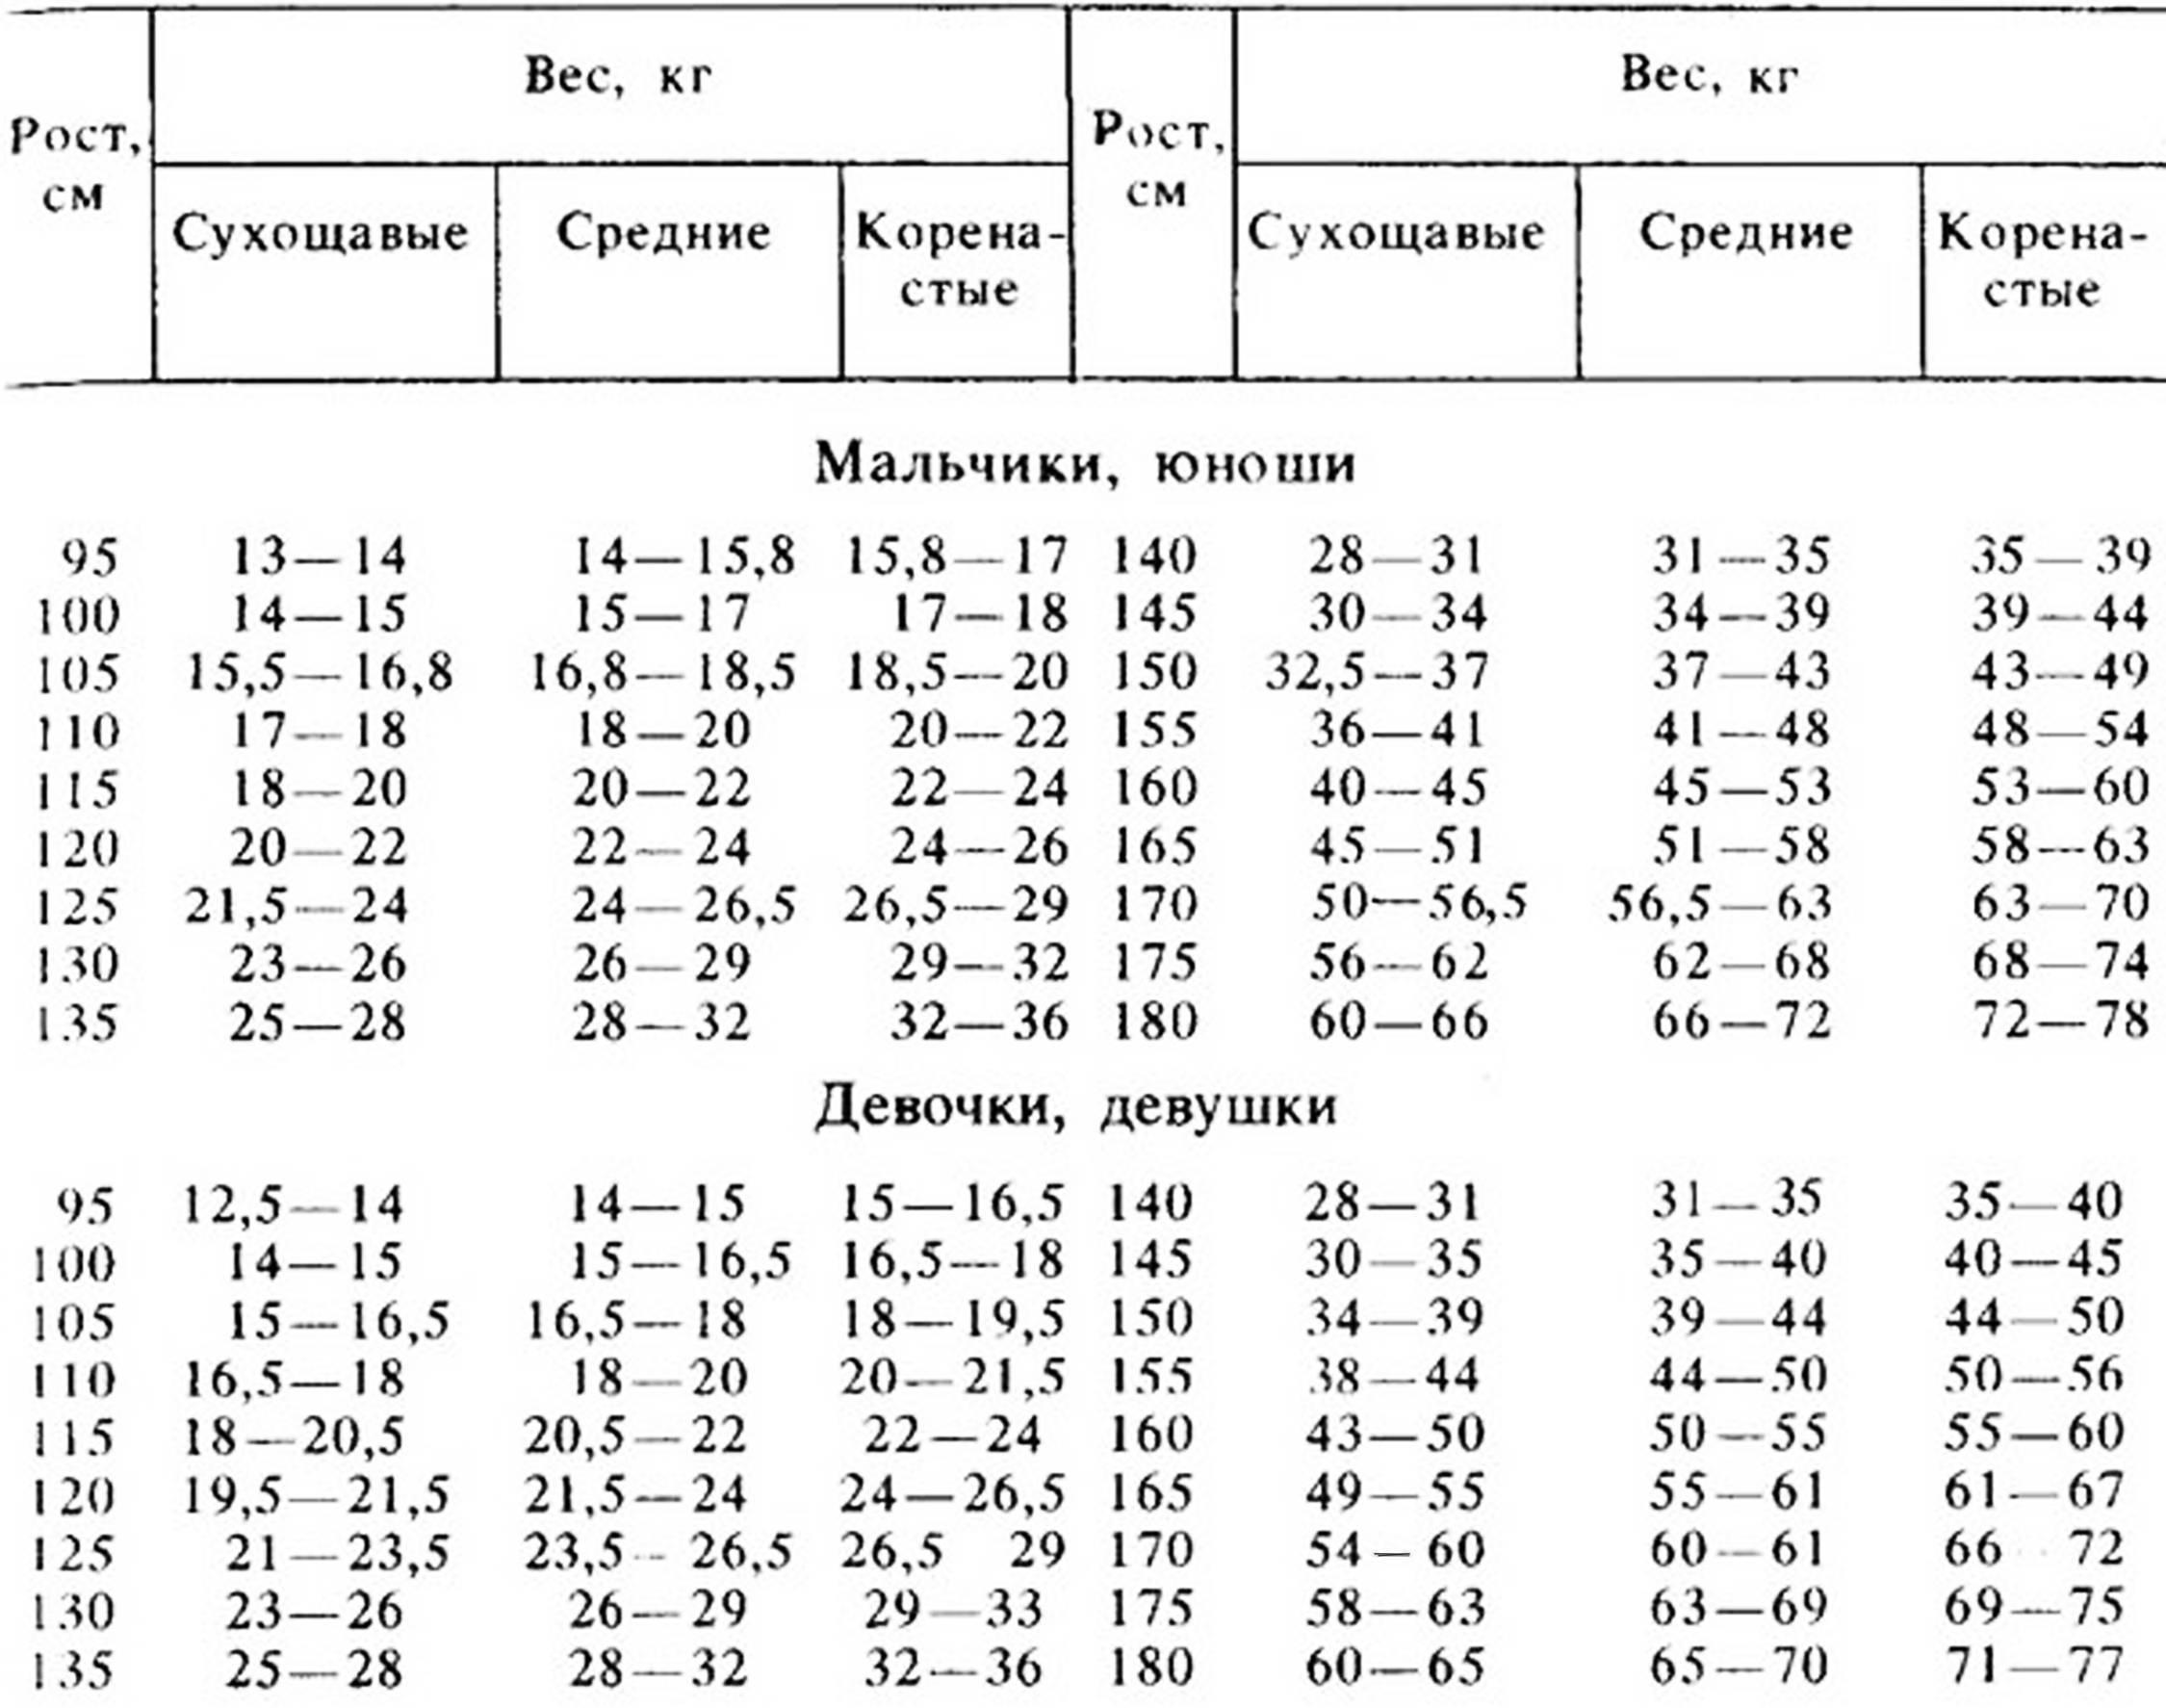 Рост ивес ребенка помесяцам ипогодам: таблицы иданные воз